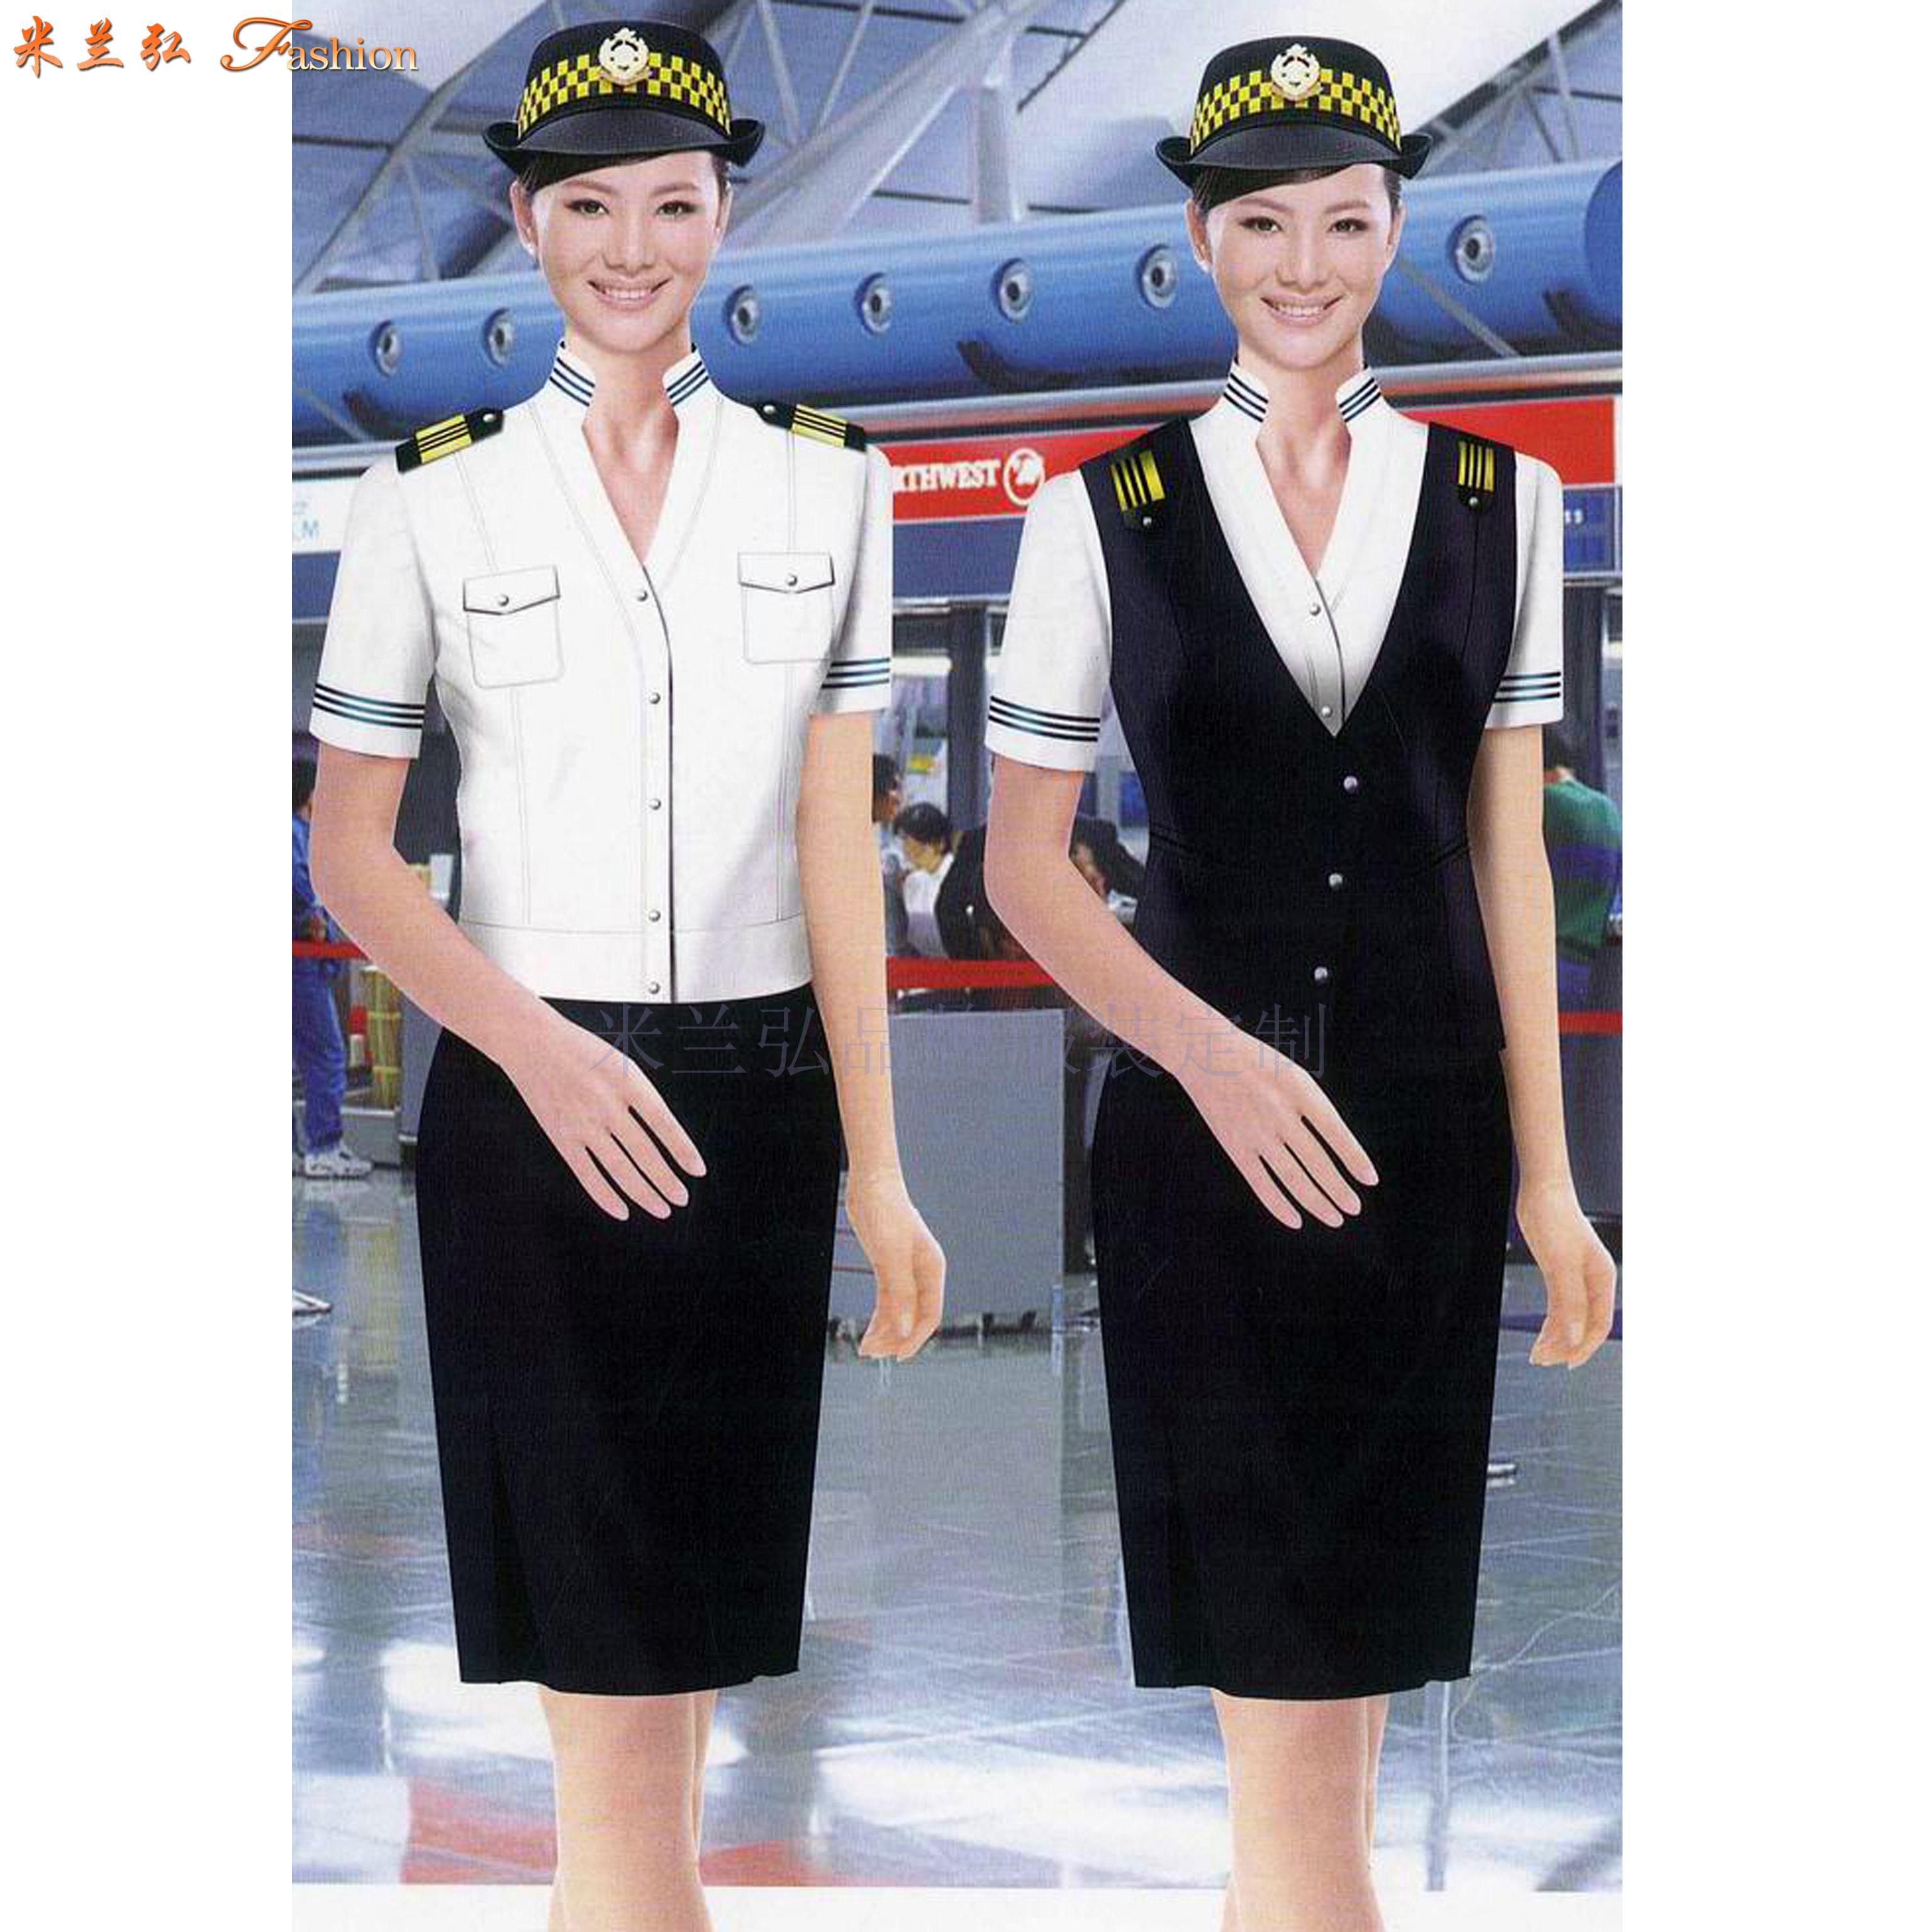 吉林高鐵服裝_吉林高鐵工裝訂製-最新送体验金网站服裝廠家-4